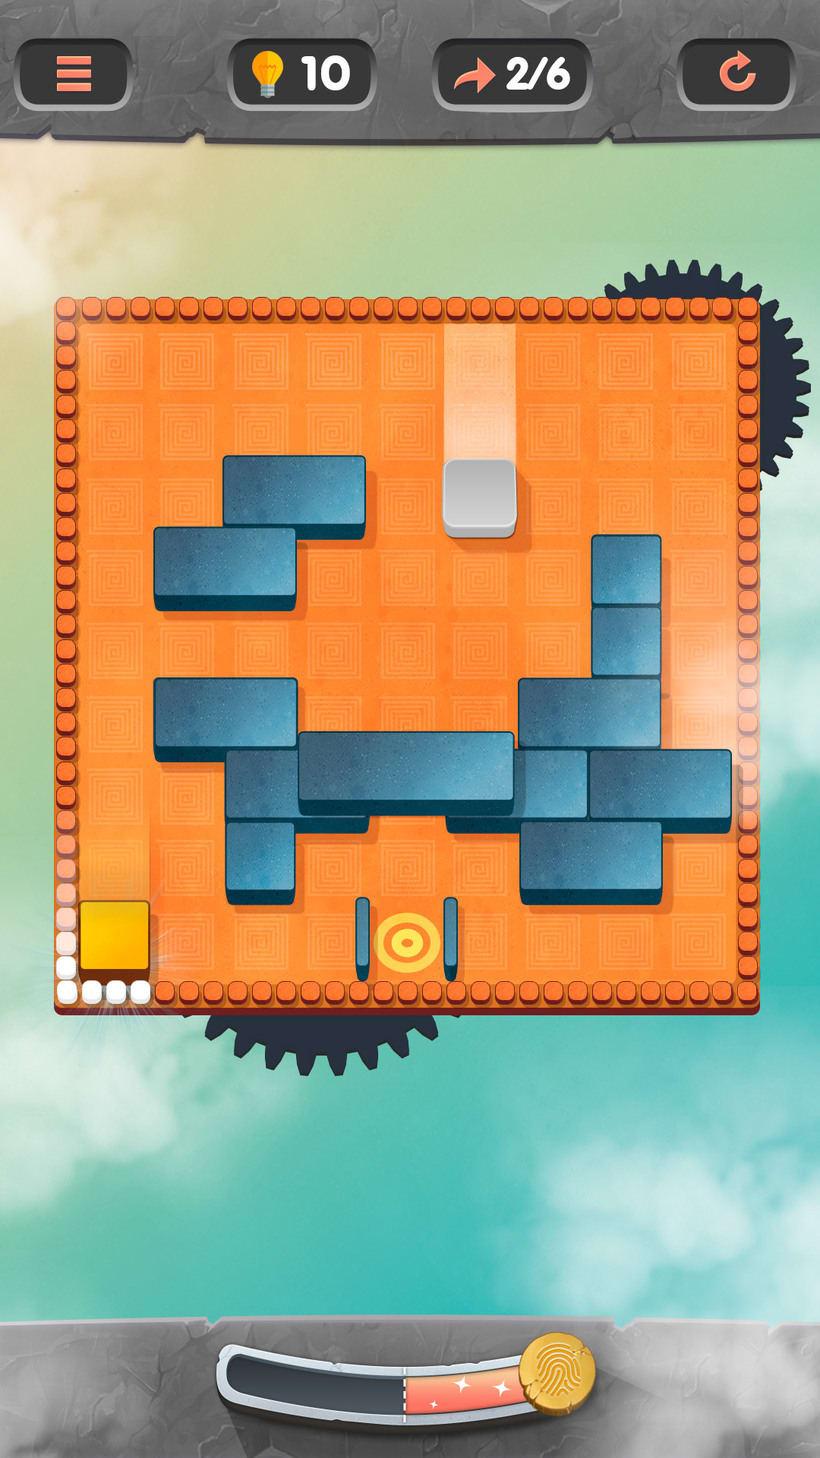 Juego puzle rotatorio en falso 3d. Próximanente en las tiendas 4